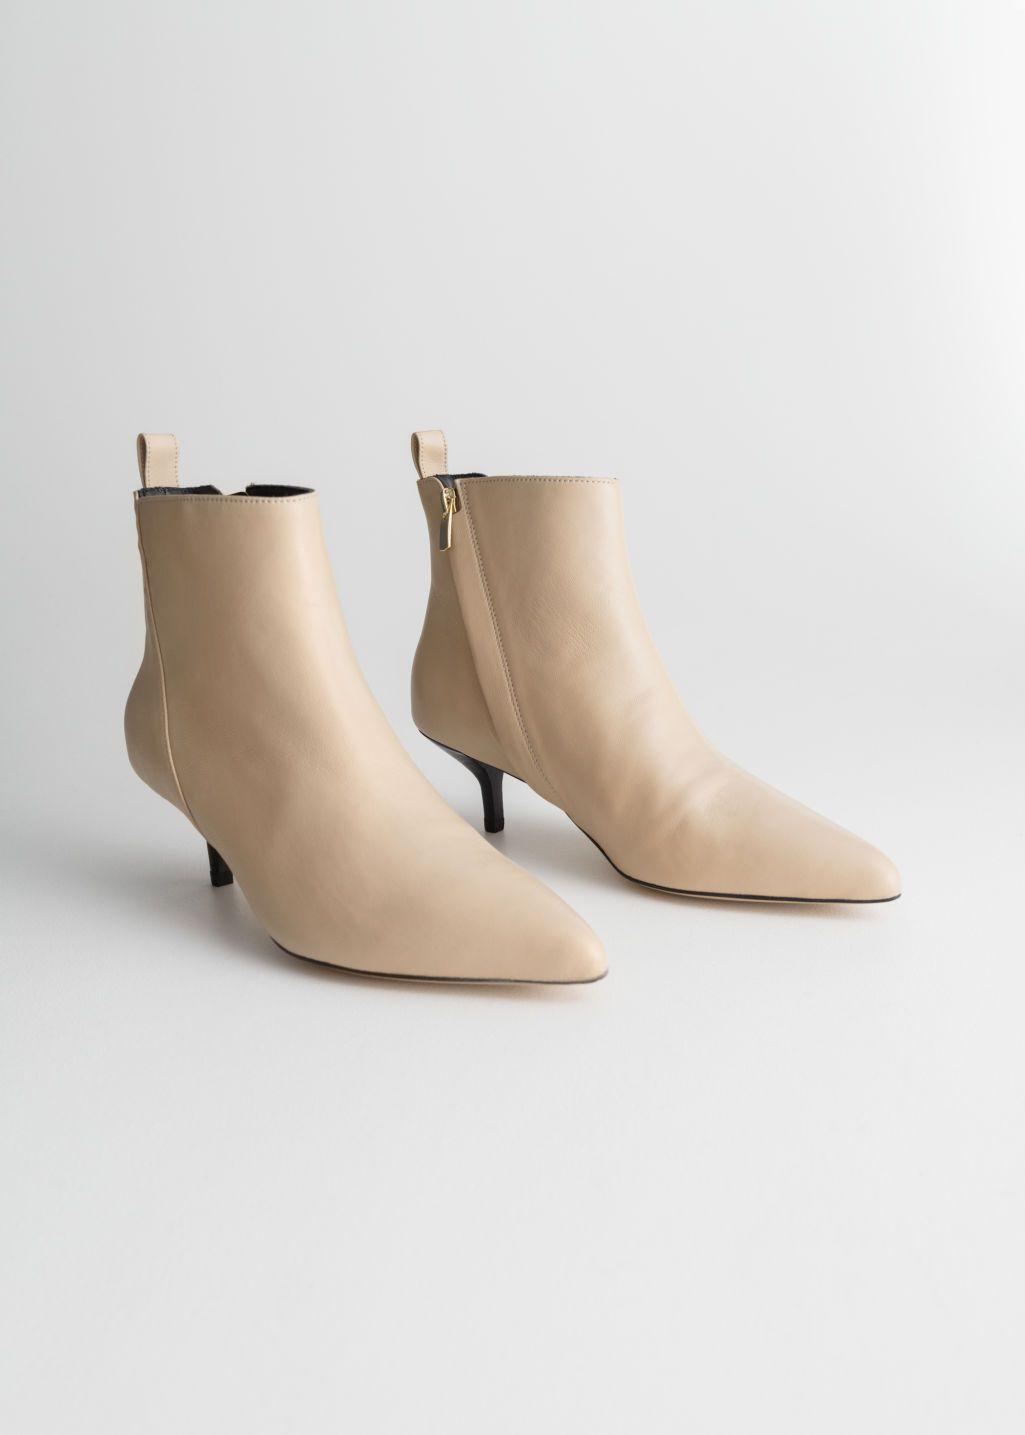 Leather Kitten Heel Boots Kitten Heel Boots Boots Kitten Heels